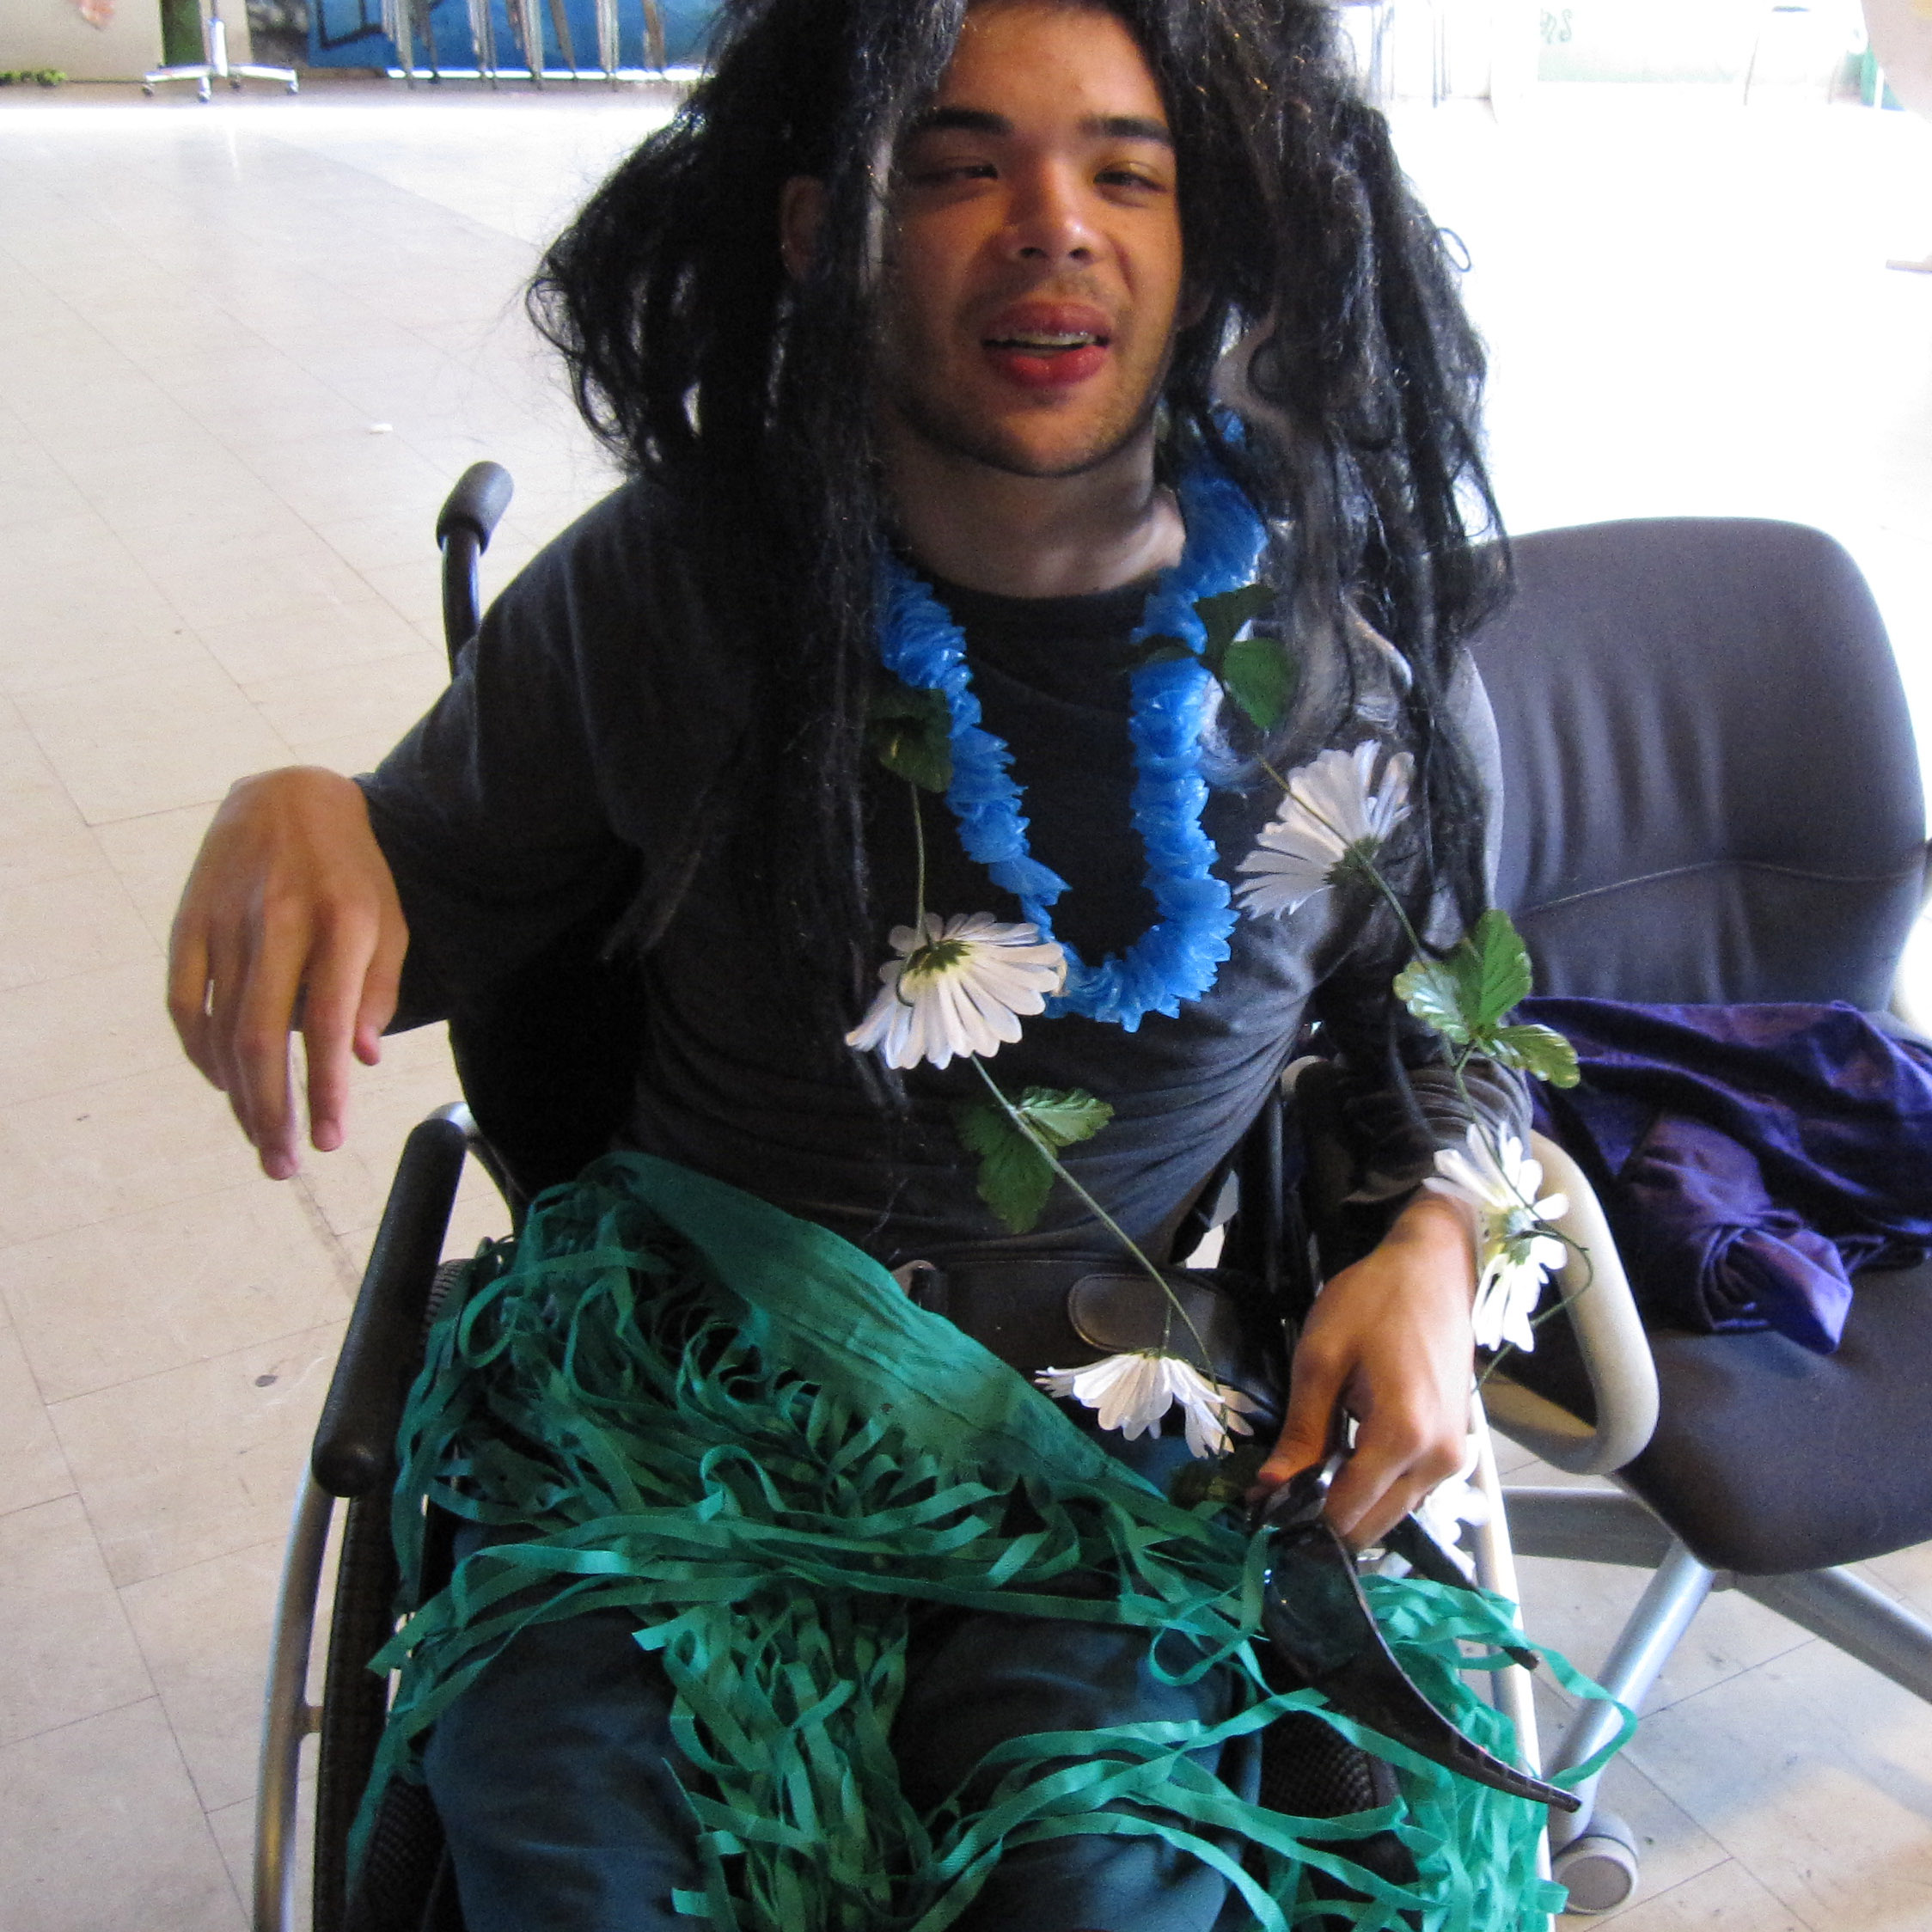 Jon as Maui